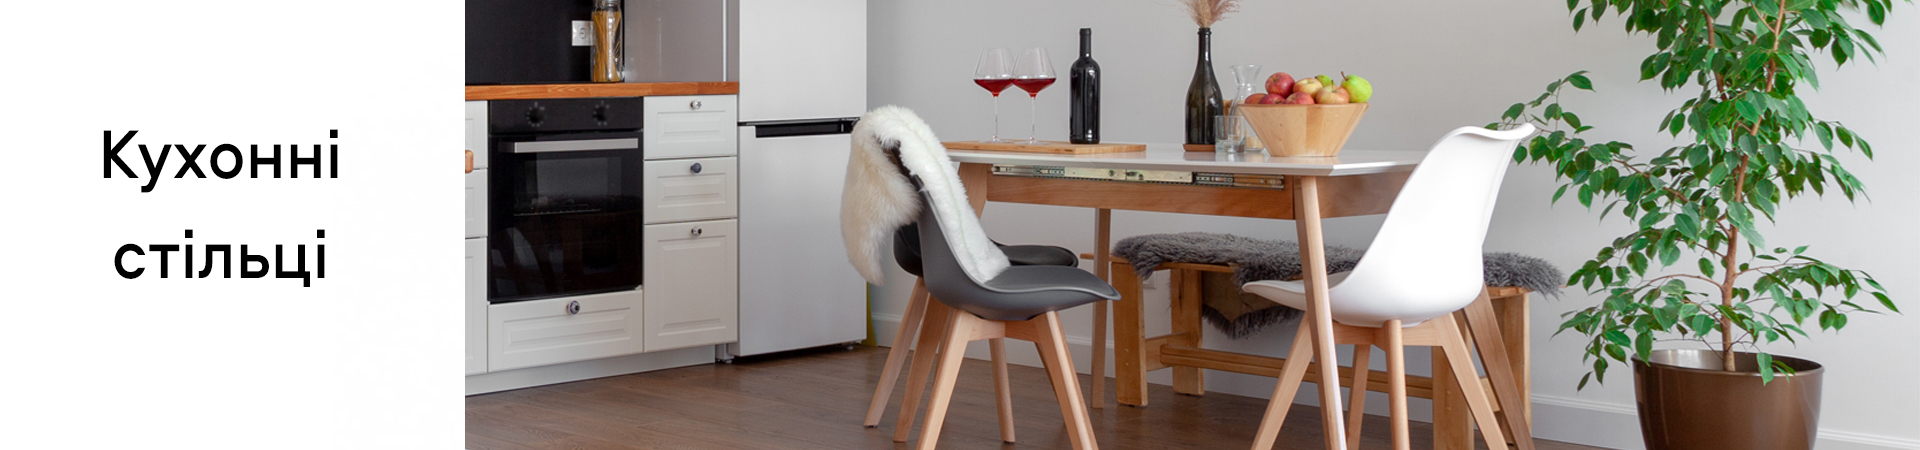 Кухонні стільці